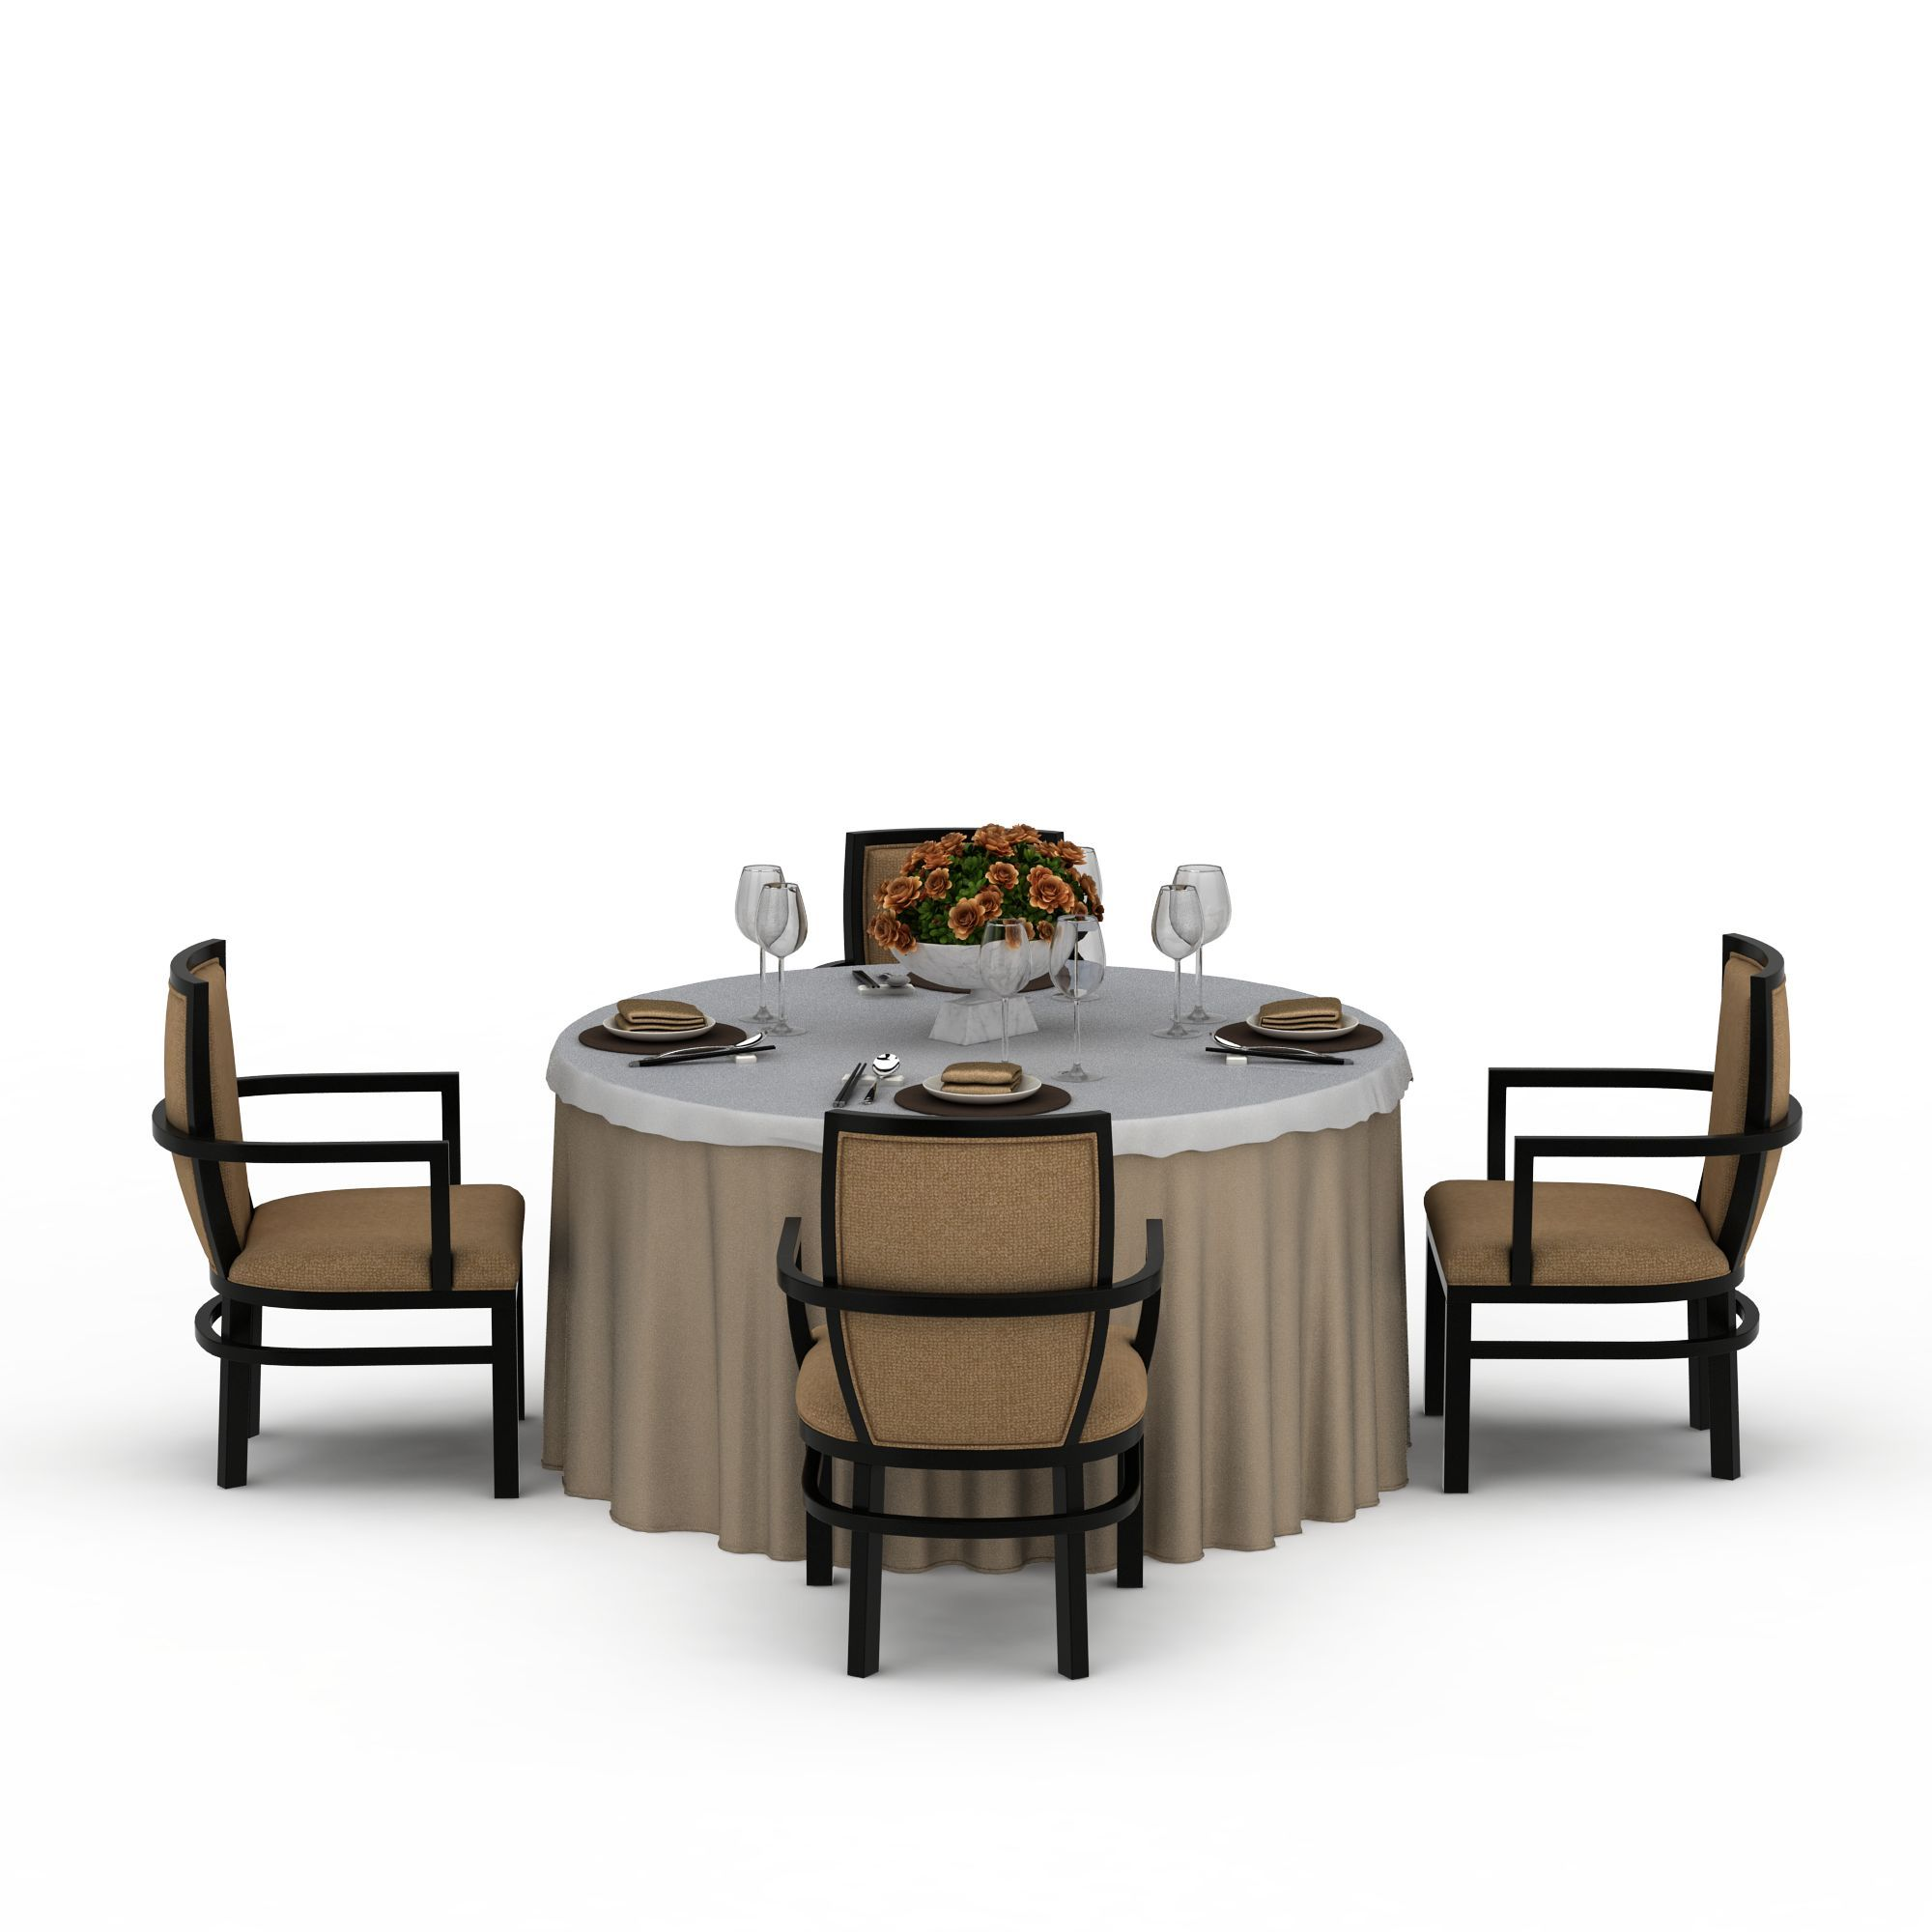 圆形中式餐桌椅图片_圆形中式餐桌椅png图片素材_圆形图片